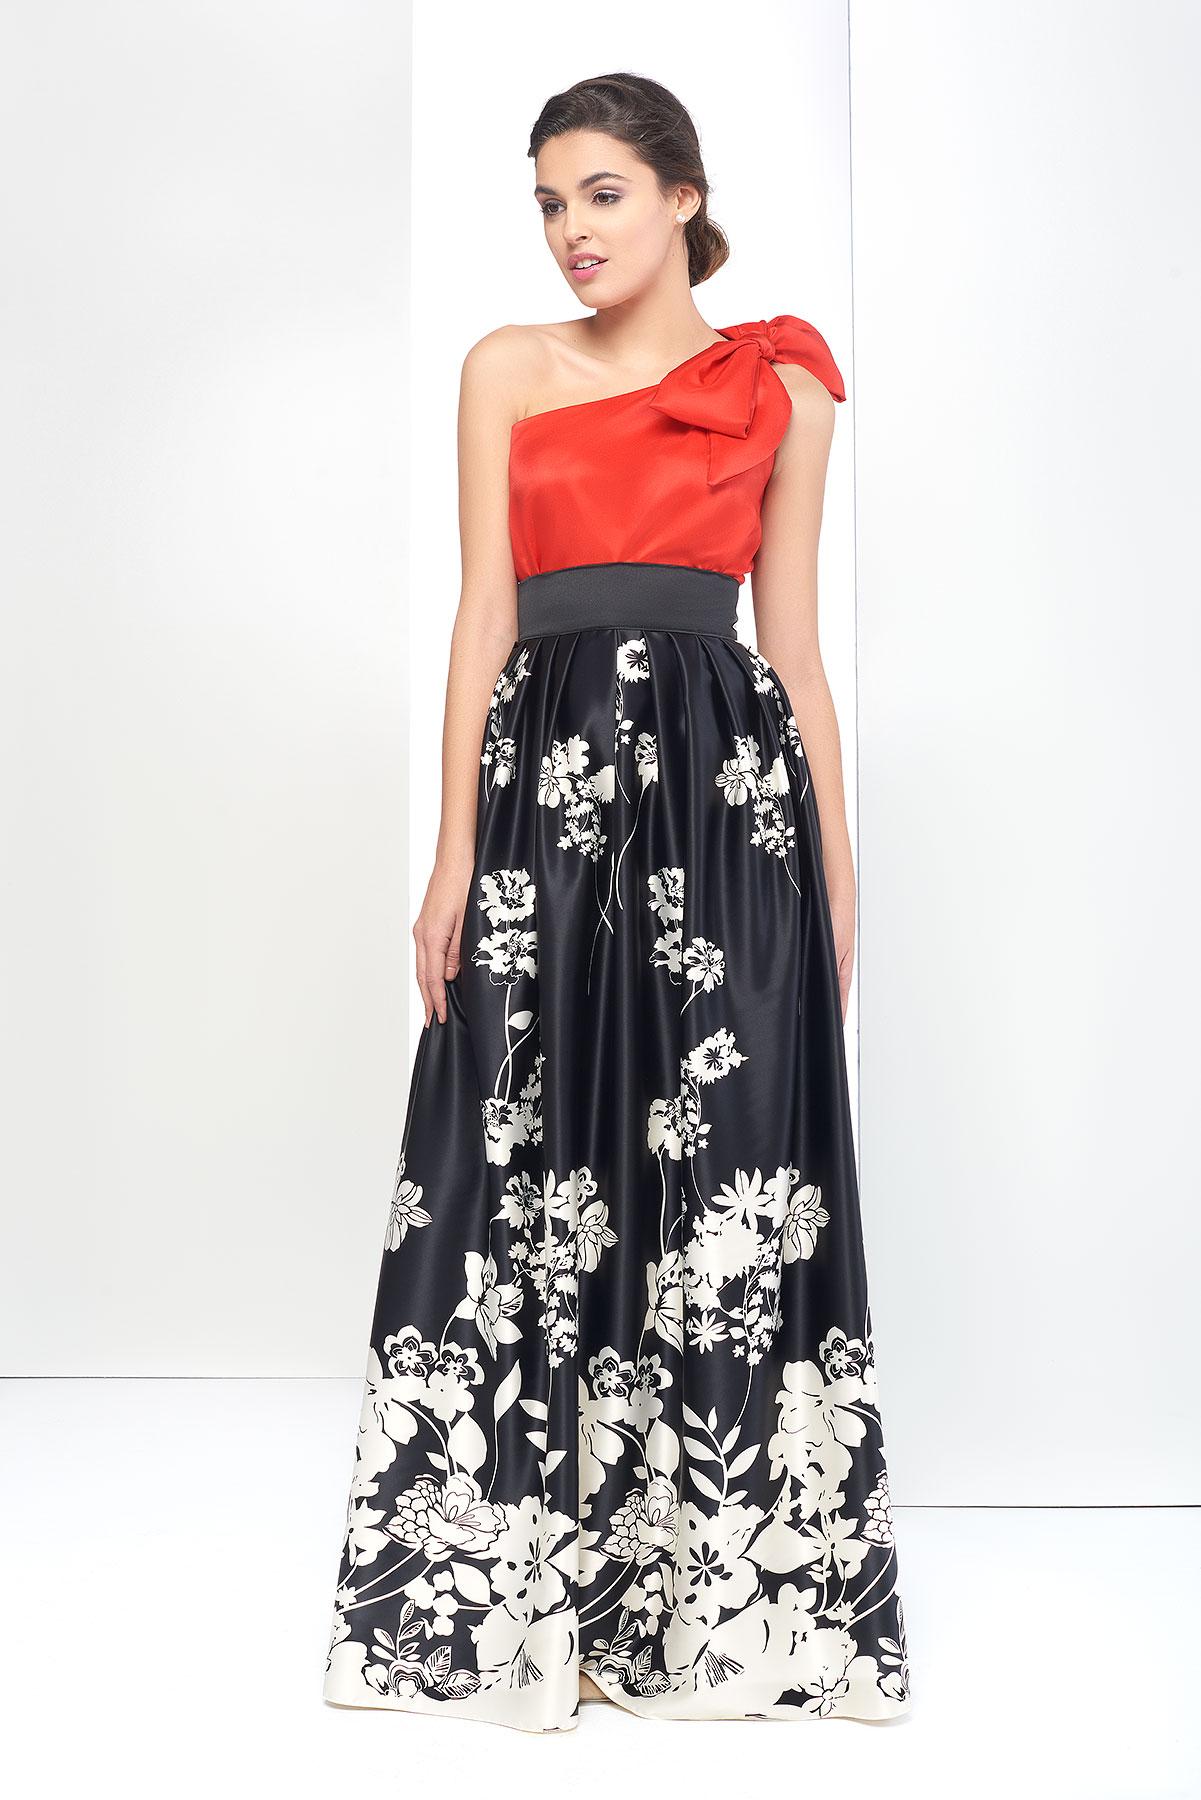 dd5a895c2c332 Falda de fiesta larga negra con estampado de flores. Para eventos.